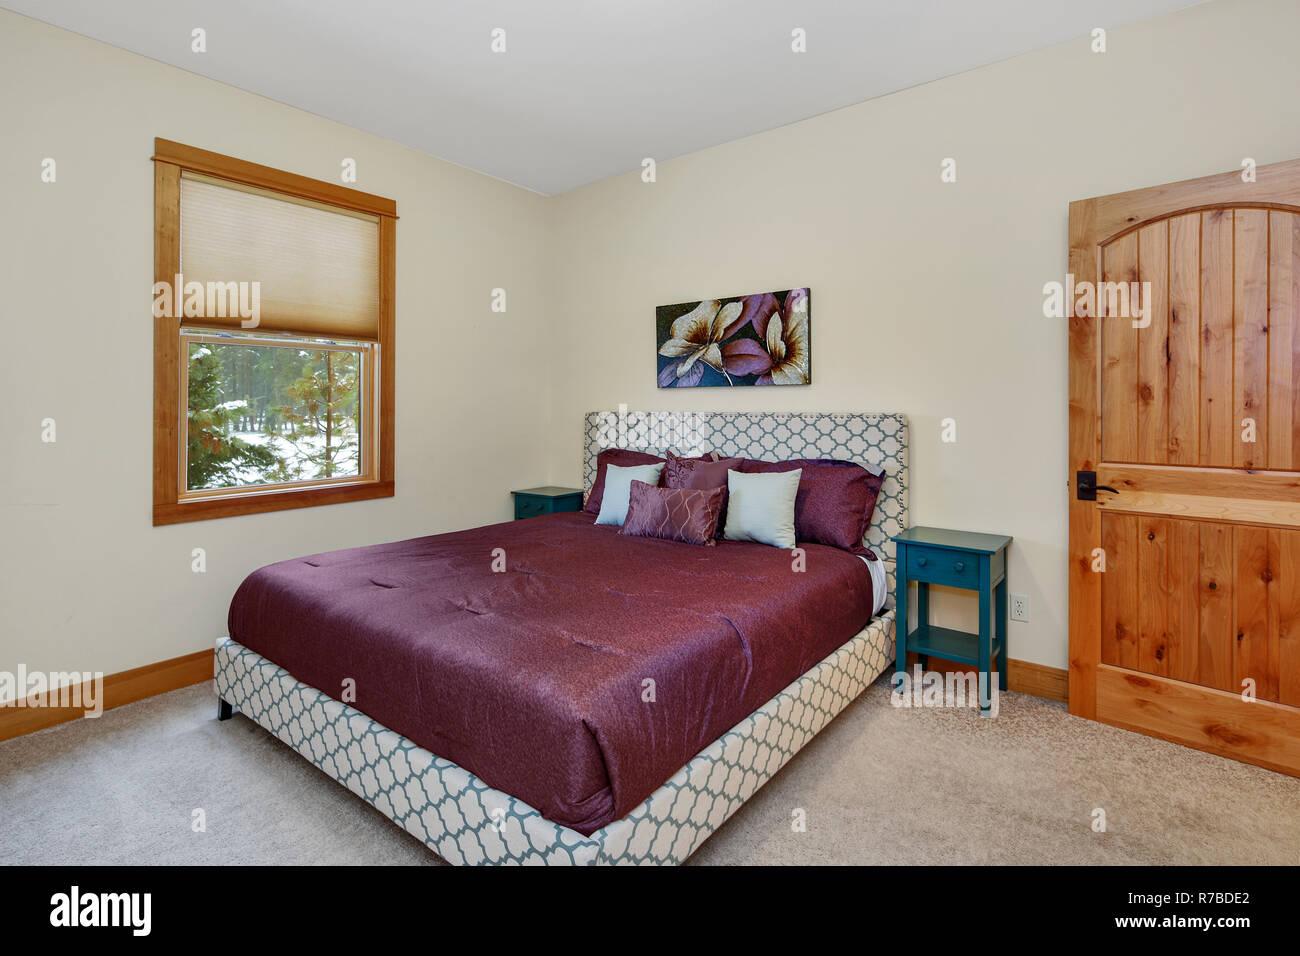 Gemütlich Eingerichtete Zimmer Verfügt über Große Polsterbett Mit